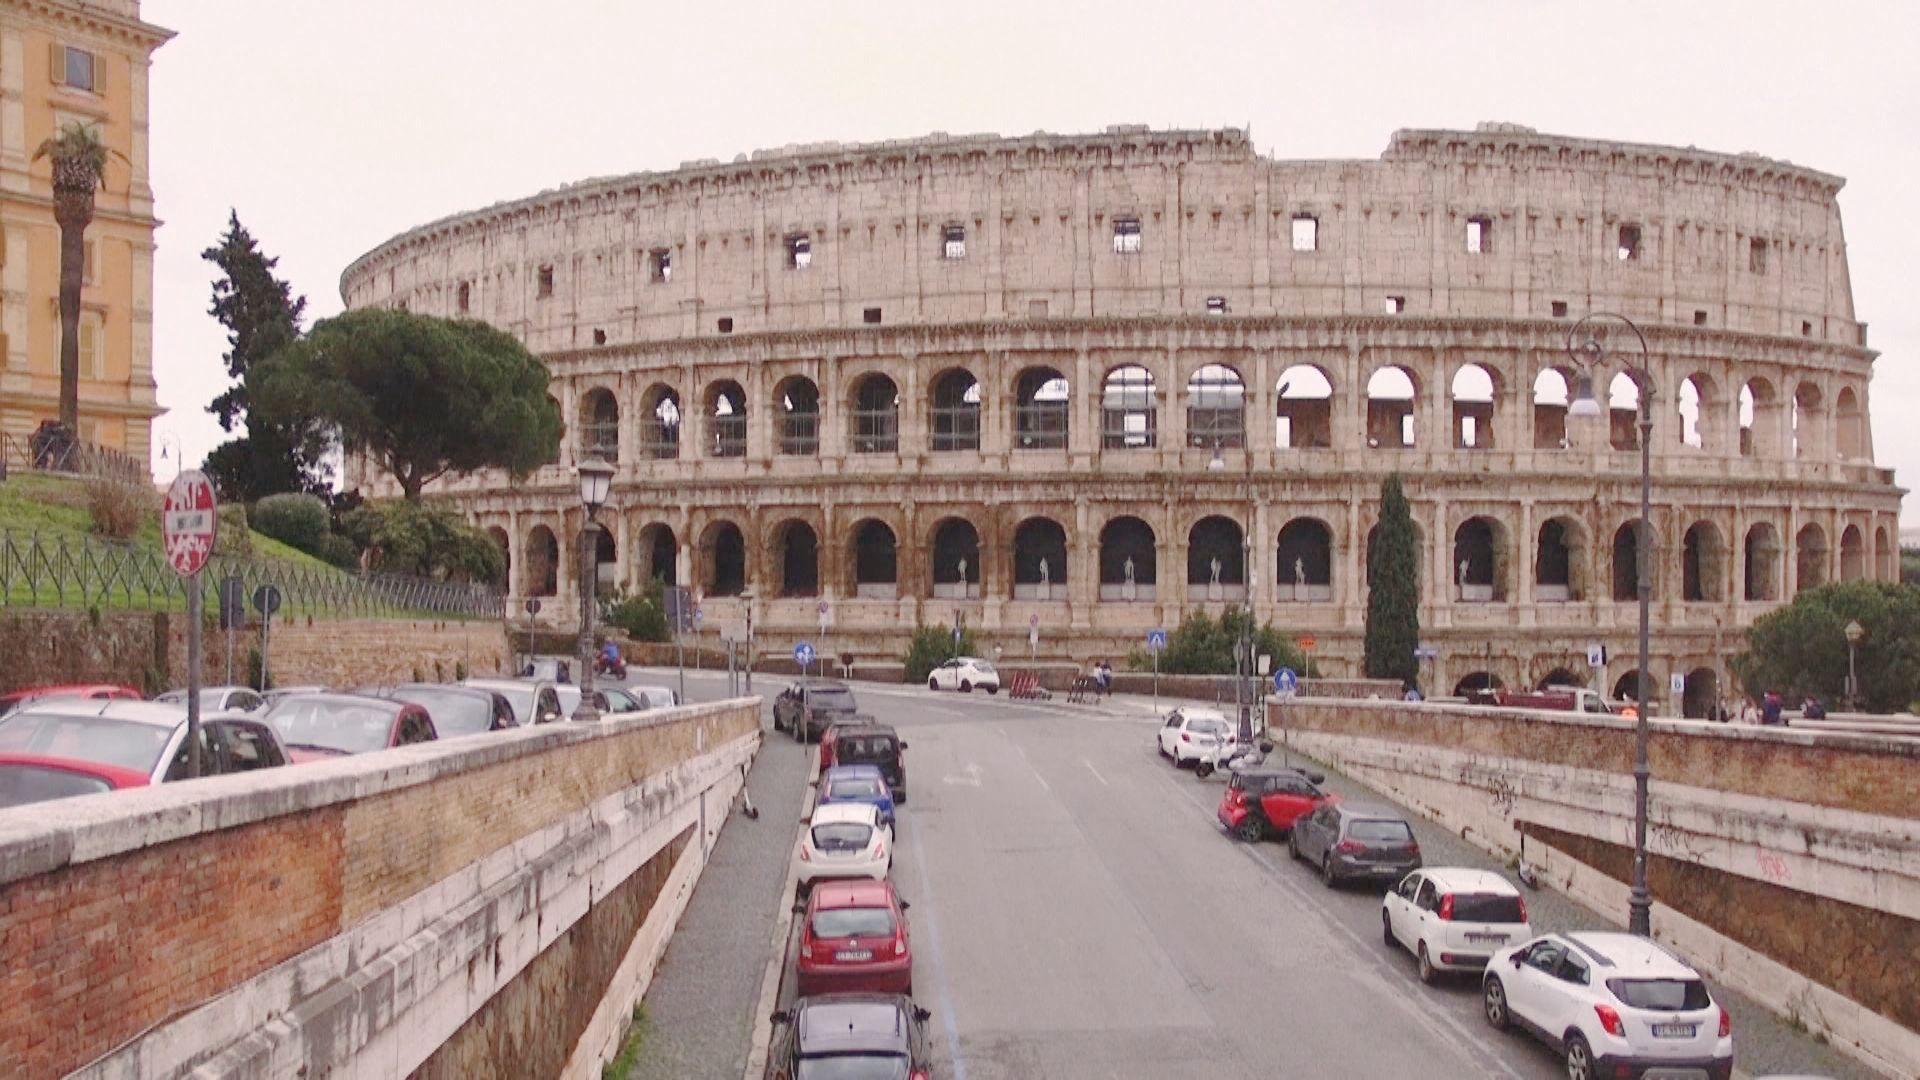 【環球薈報】意大利斥資逾1800萬歐元為羅馬鬥獸場打造新貌